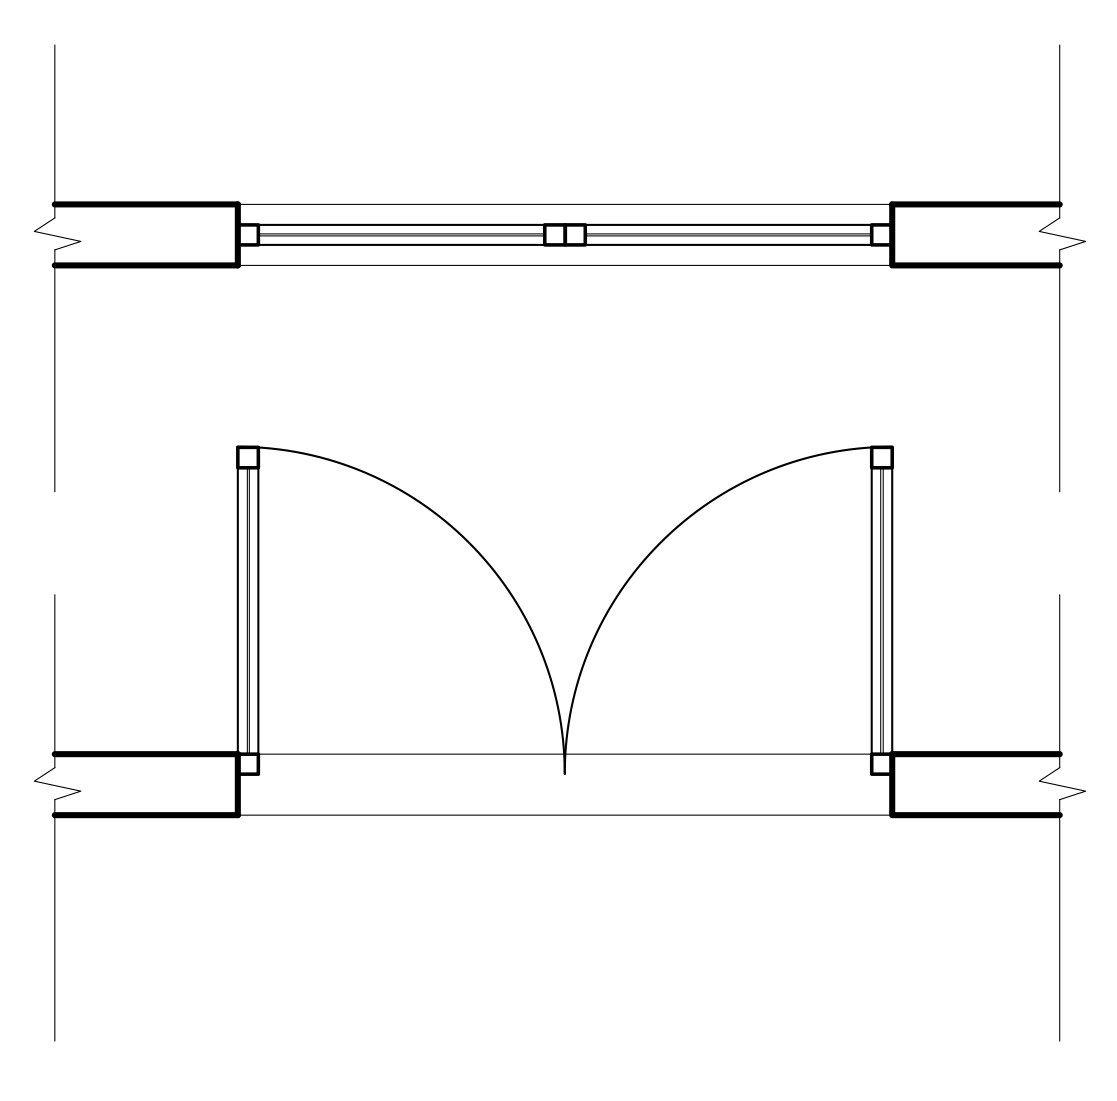 En este apunte se muestran las representaciones de los for Normas para planos arquitectonicos